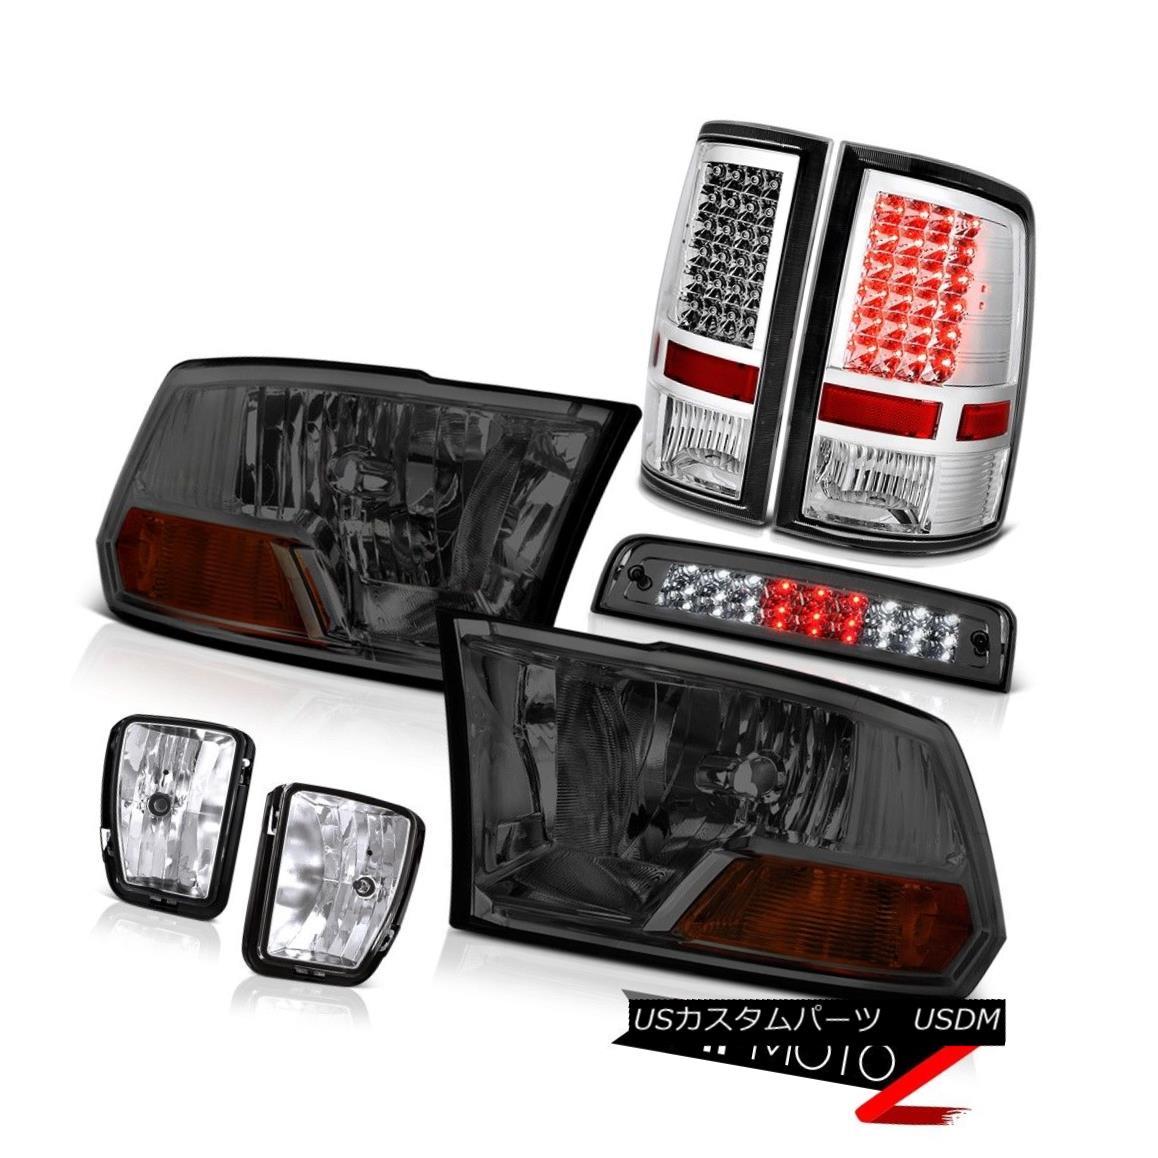 テールライト 2013 2014-2018 Dodge Ram 1500 3.0L 3rd Brake Light Fog Lamps Rear Headlamps SMD 2013 2014-2018 Dodge Ram 1500 3.0L第3ブレーキライトフォグランプリアヘッドランプSMD